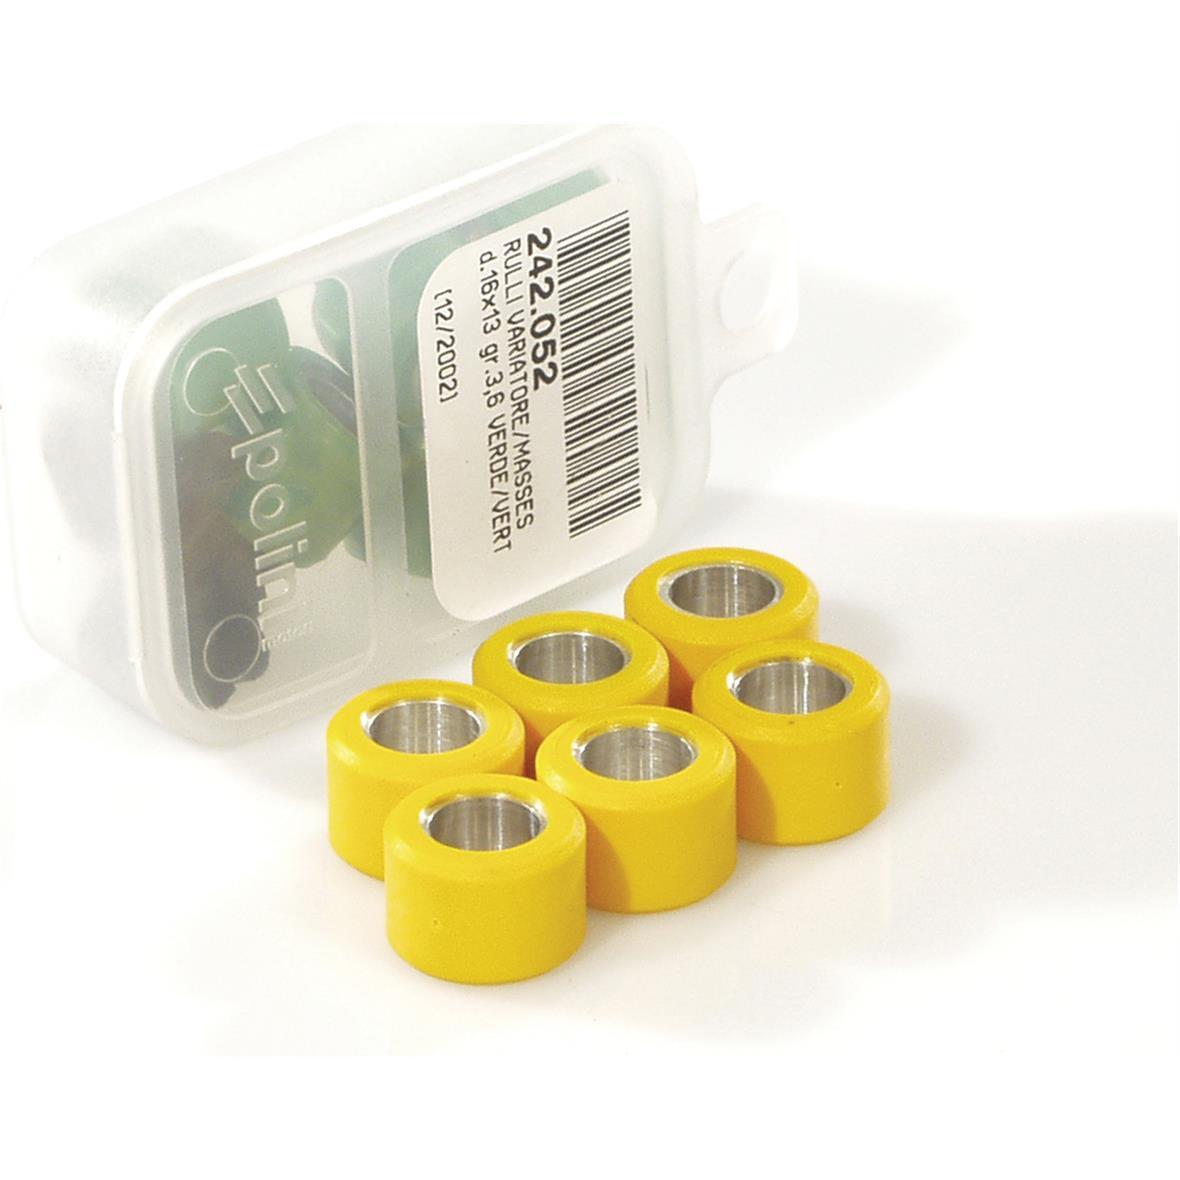 Productafbeelding voor 'Variateur Rollen POLINI 20x12 mm 9,1 gramTitle'